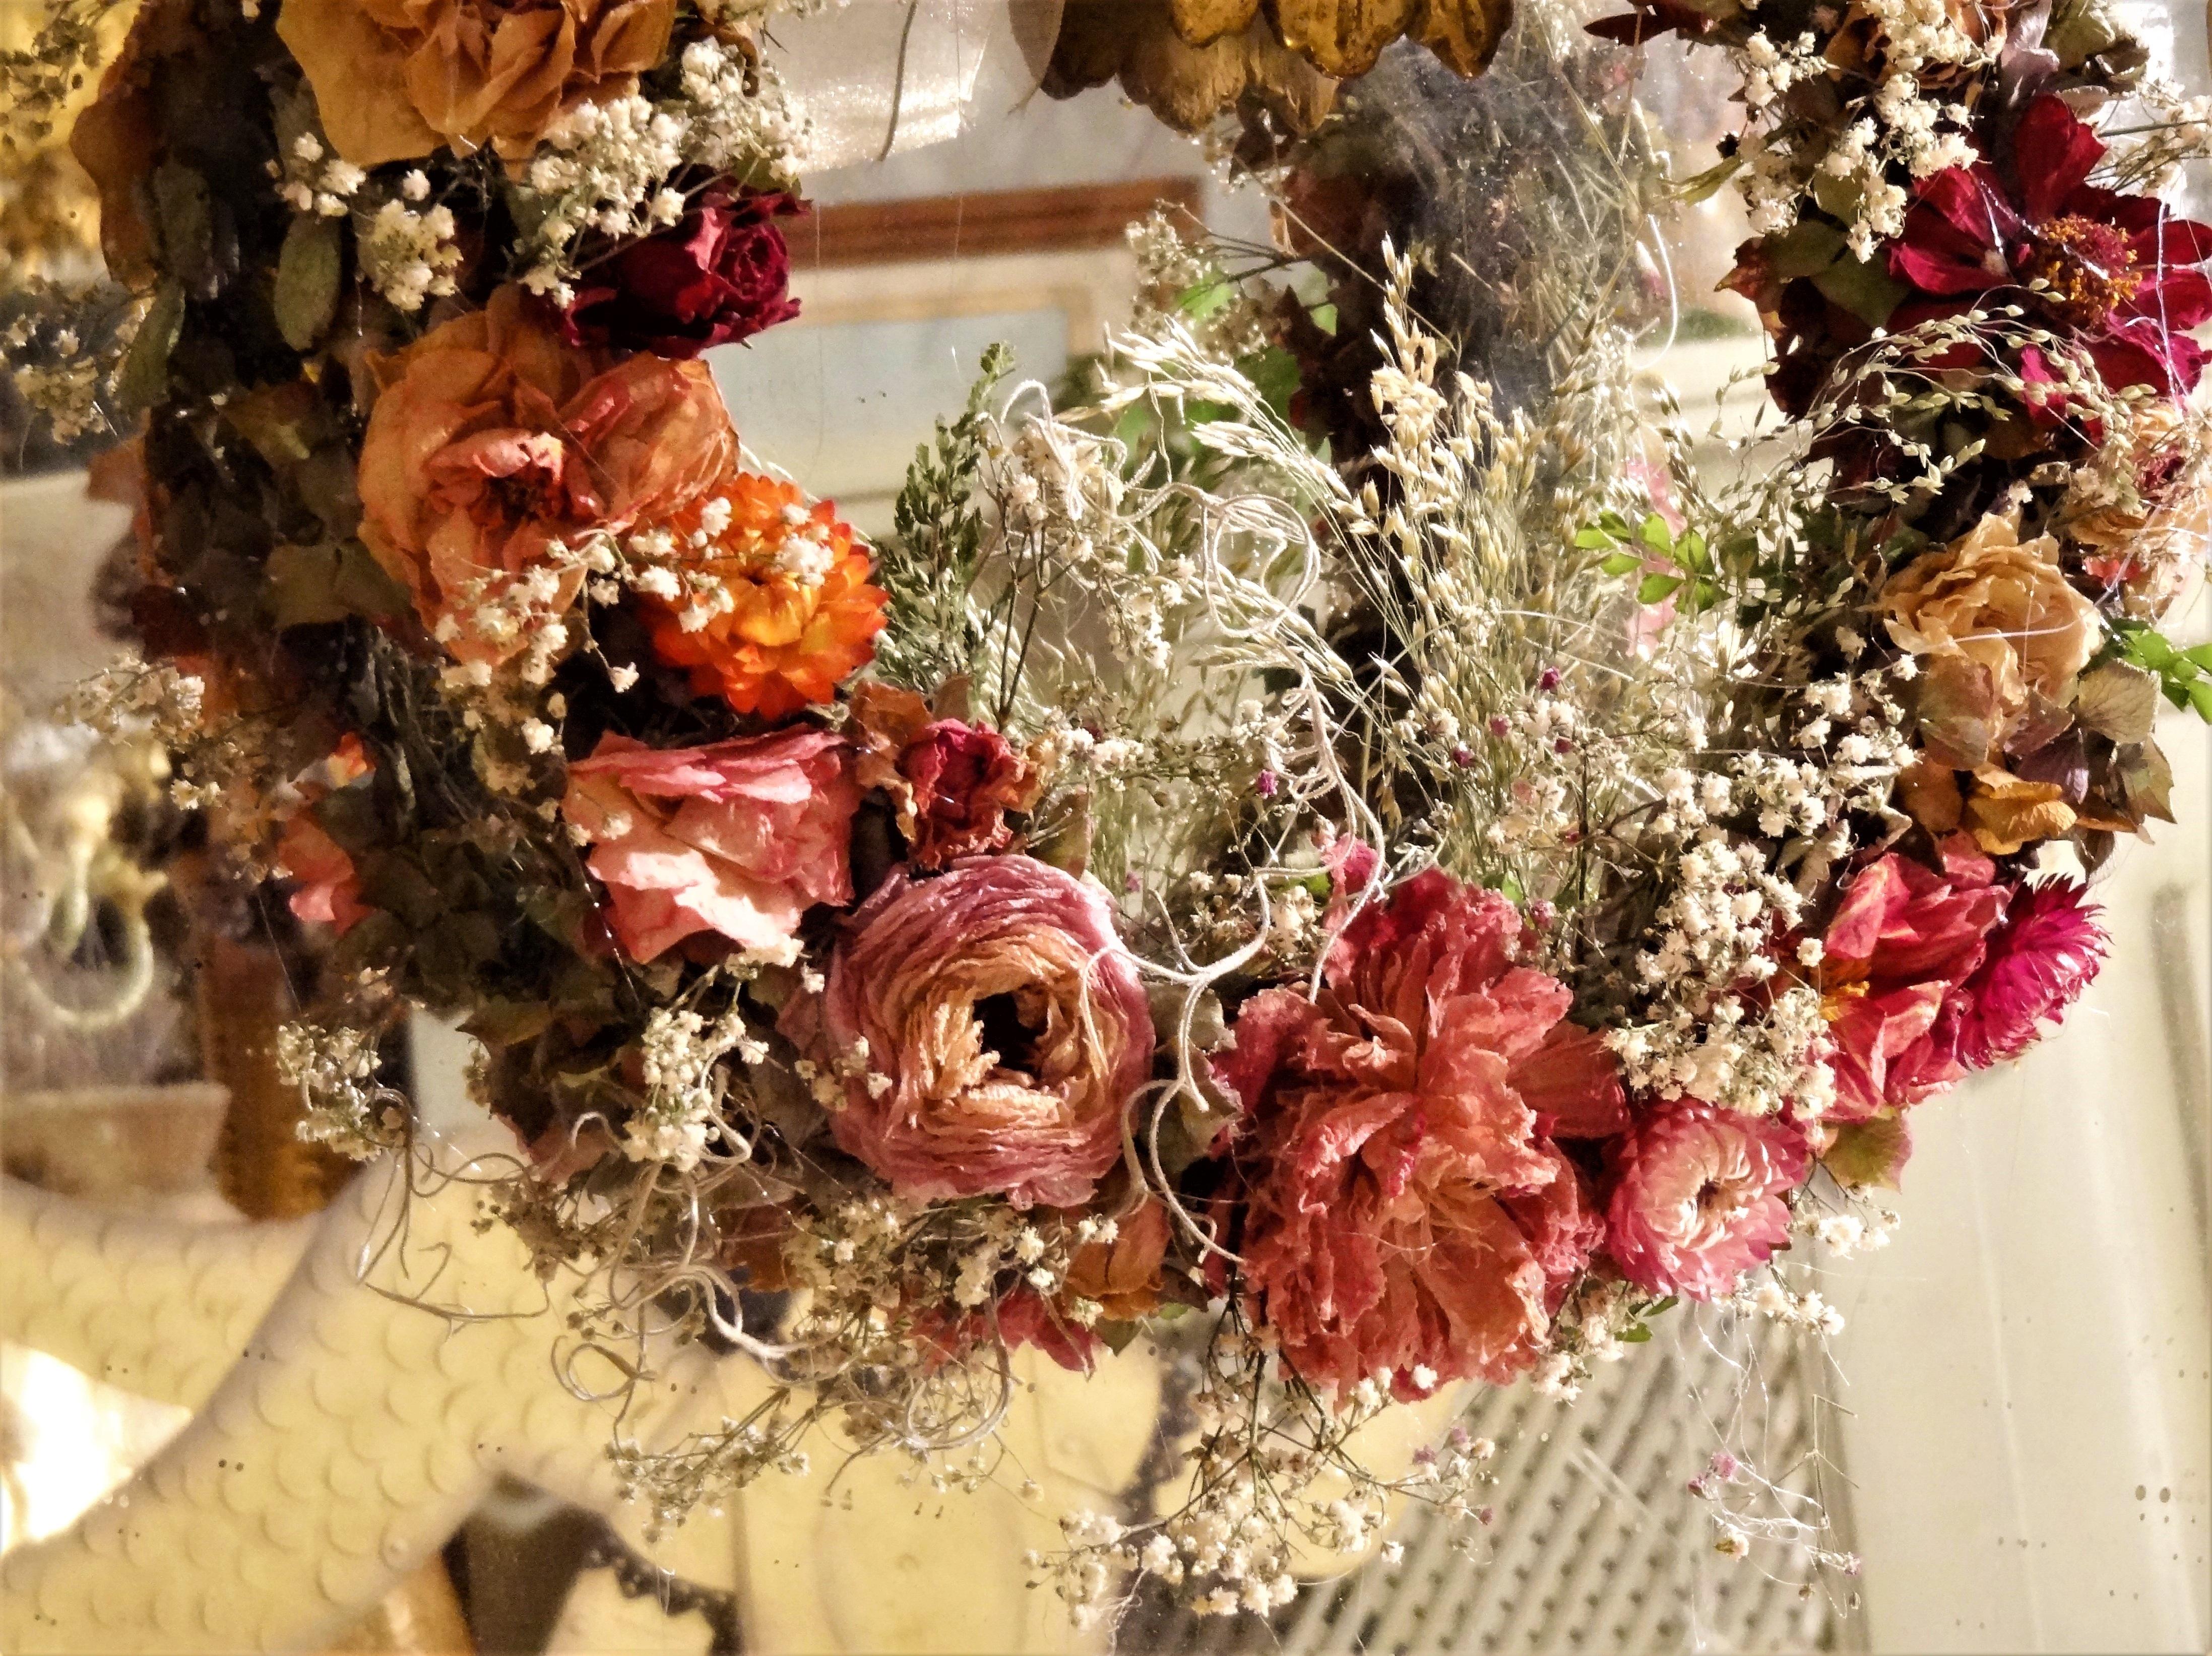 Fotos Gratis Planta Flor Decoracion Guirnalda Ornamento